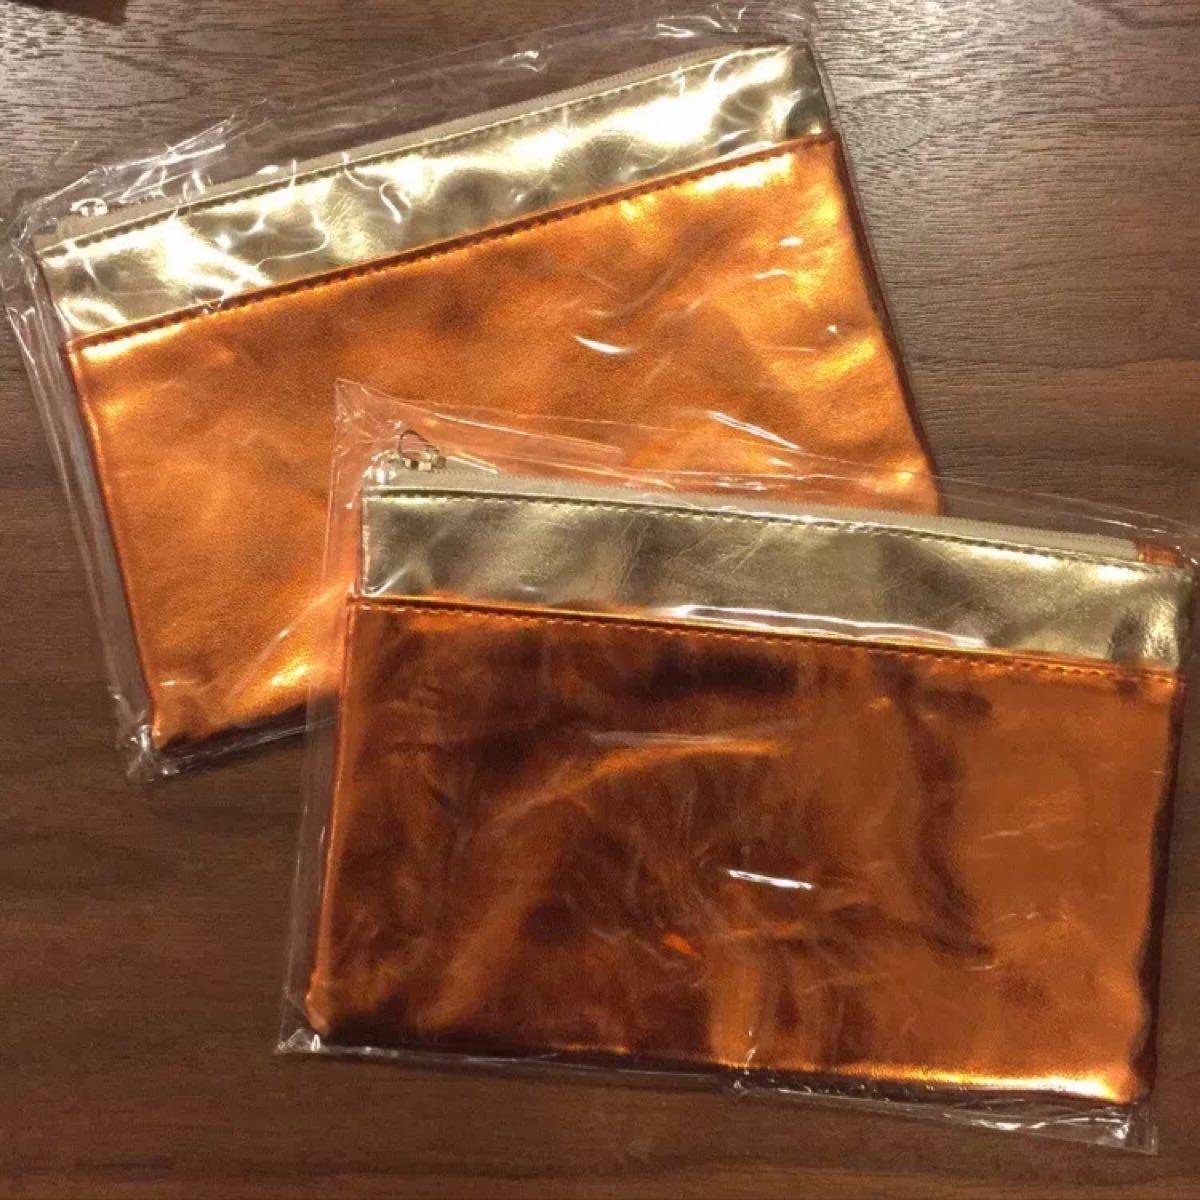 ポーチ / オレンジ ゴールド メタリック 金色 ドクターシーラボ 小物入れ